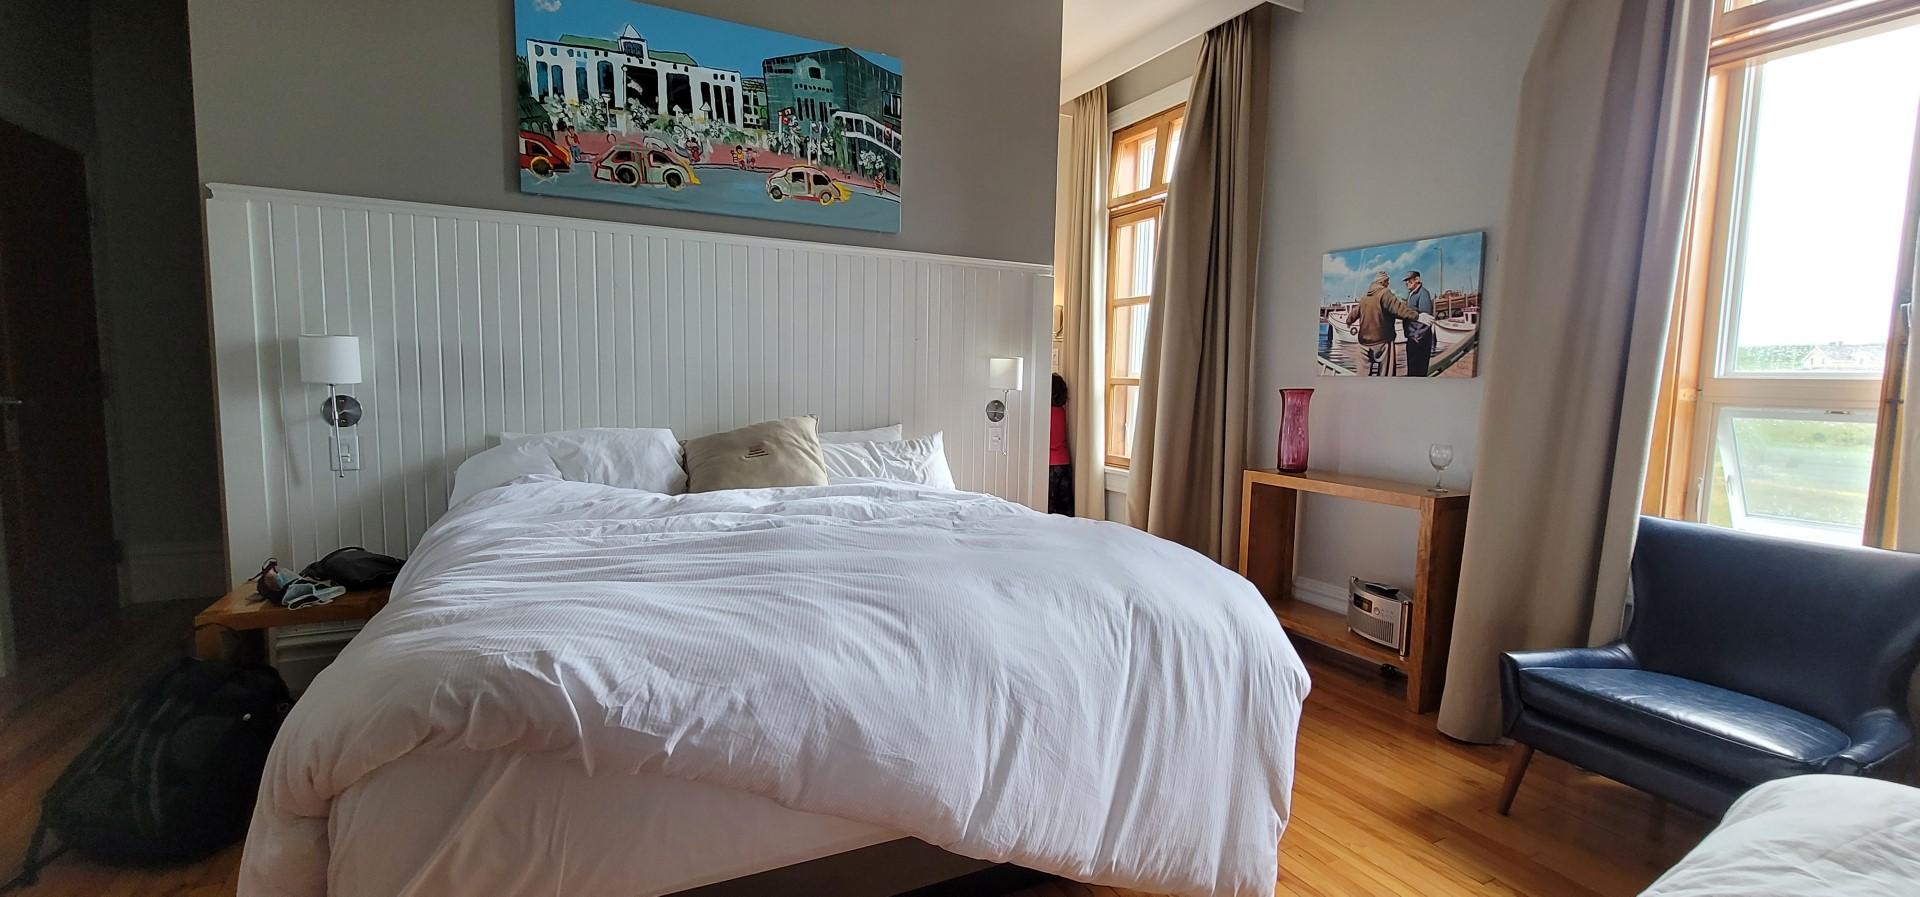 Vieux du couvent bedroom